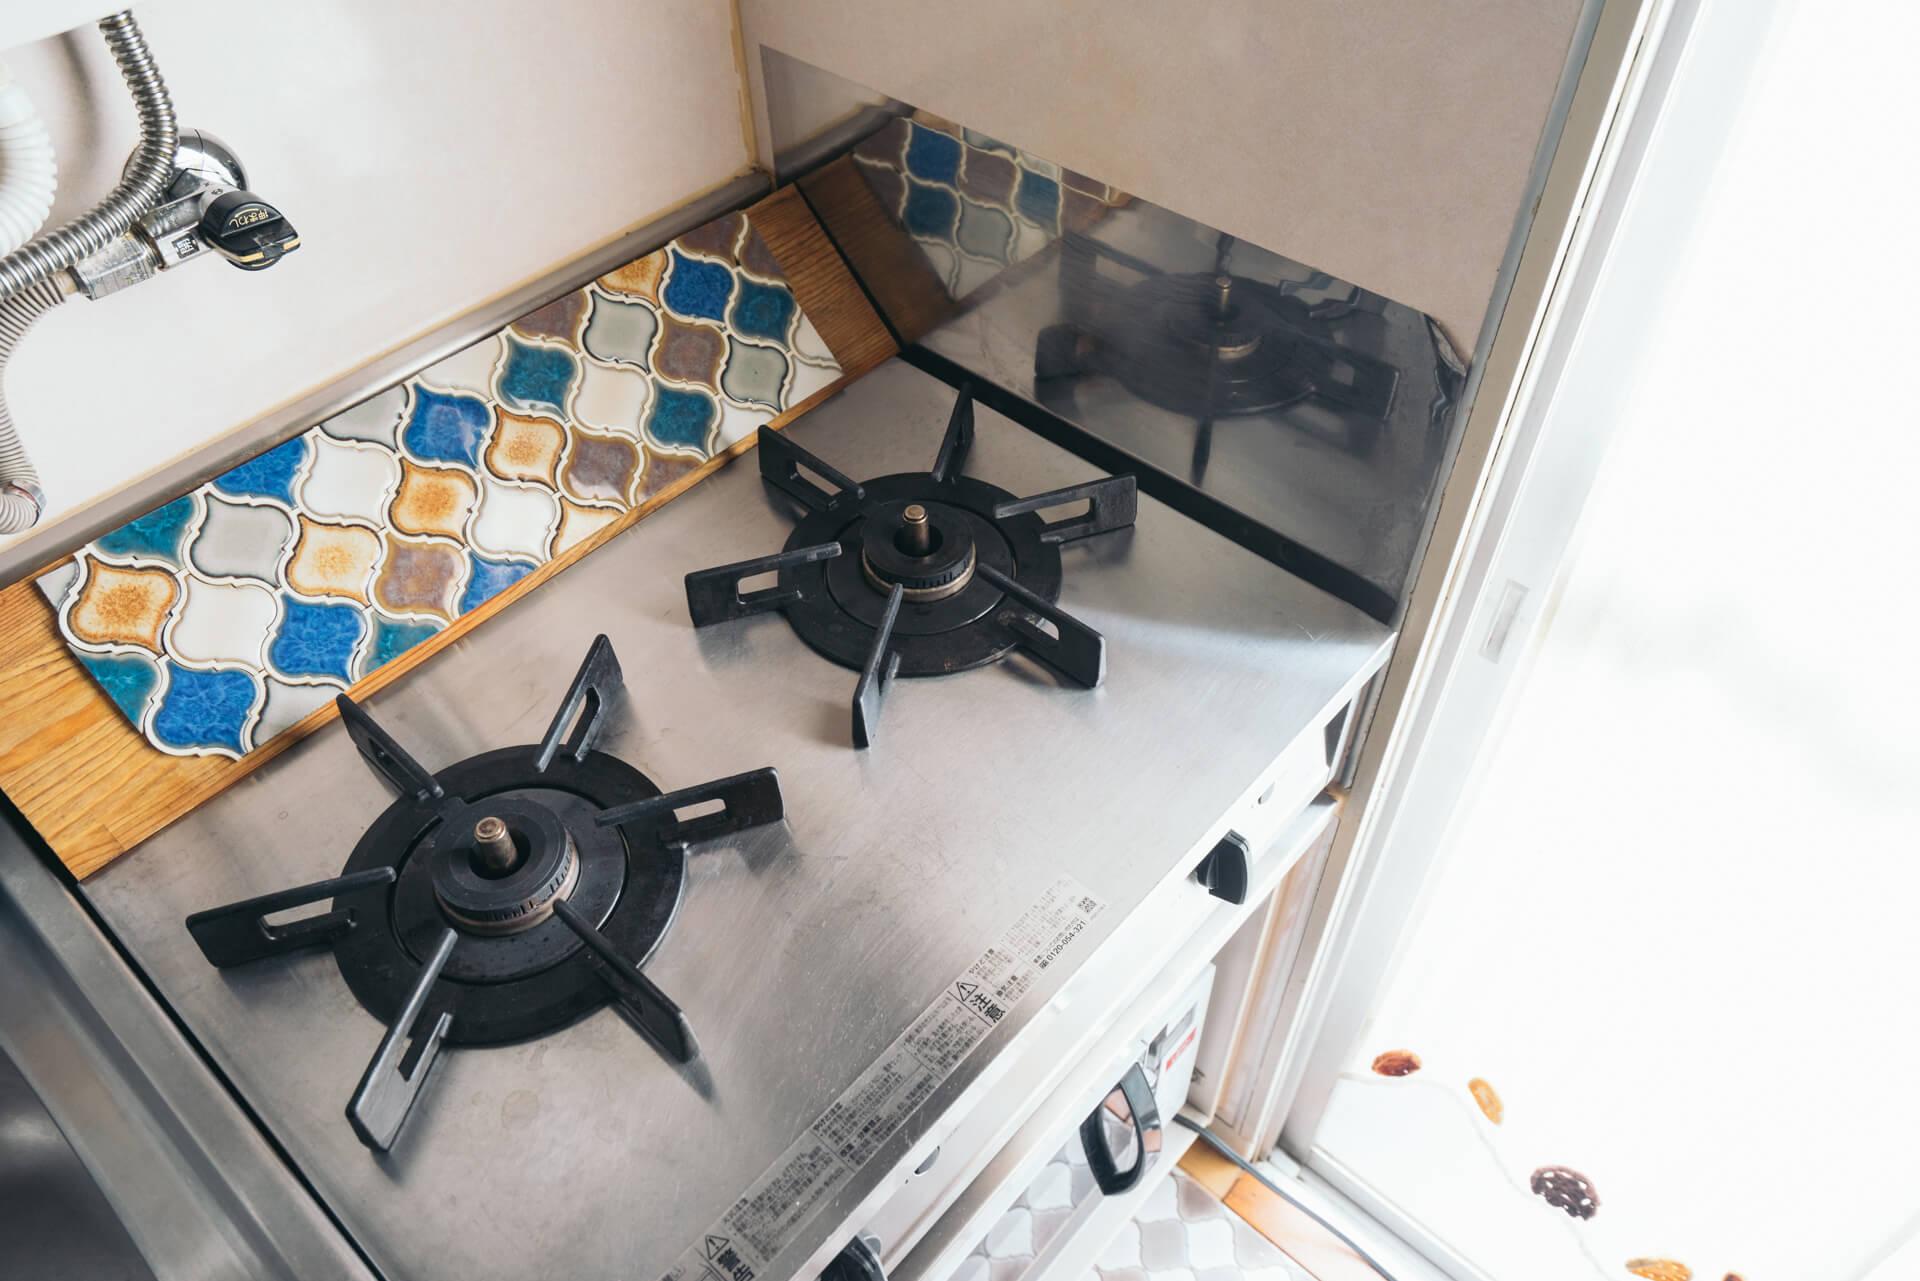 """シンプルなガス台の奥は、耐熱の""""貼るだけタイル""""で隙間をふさいで。こうすると、ガス台まわりの掃除も簡単になります。"""